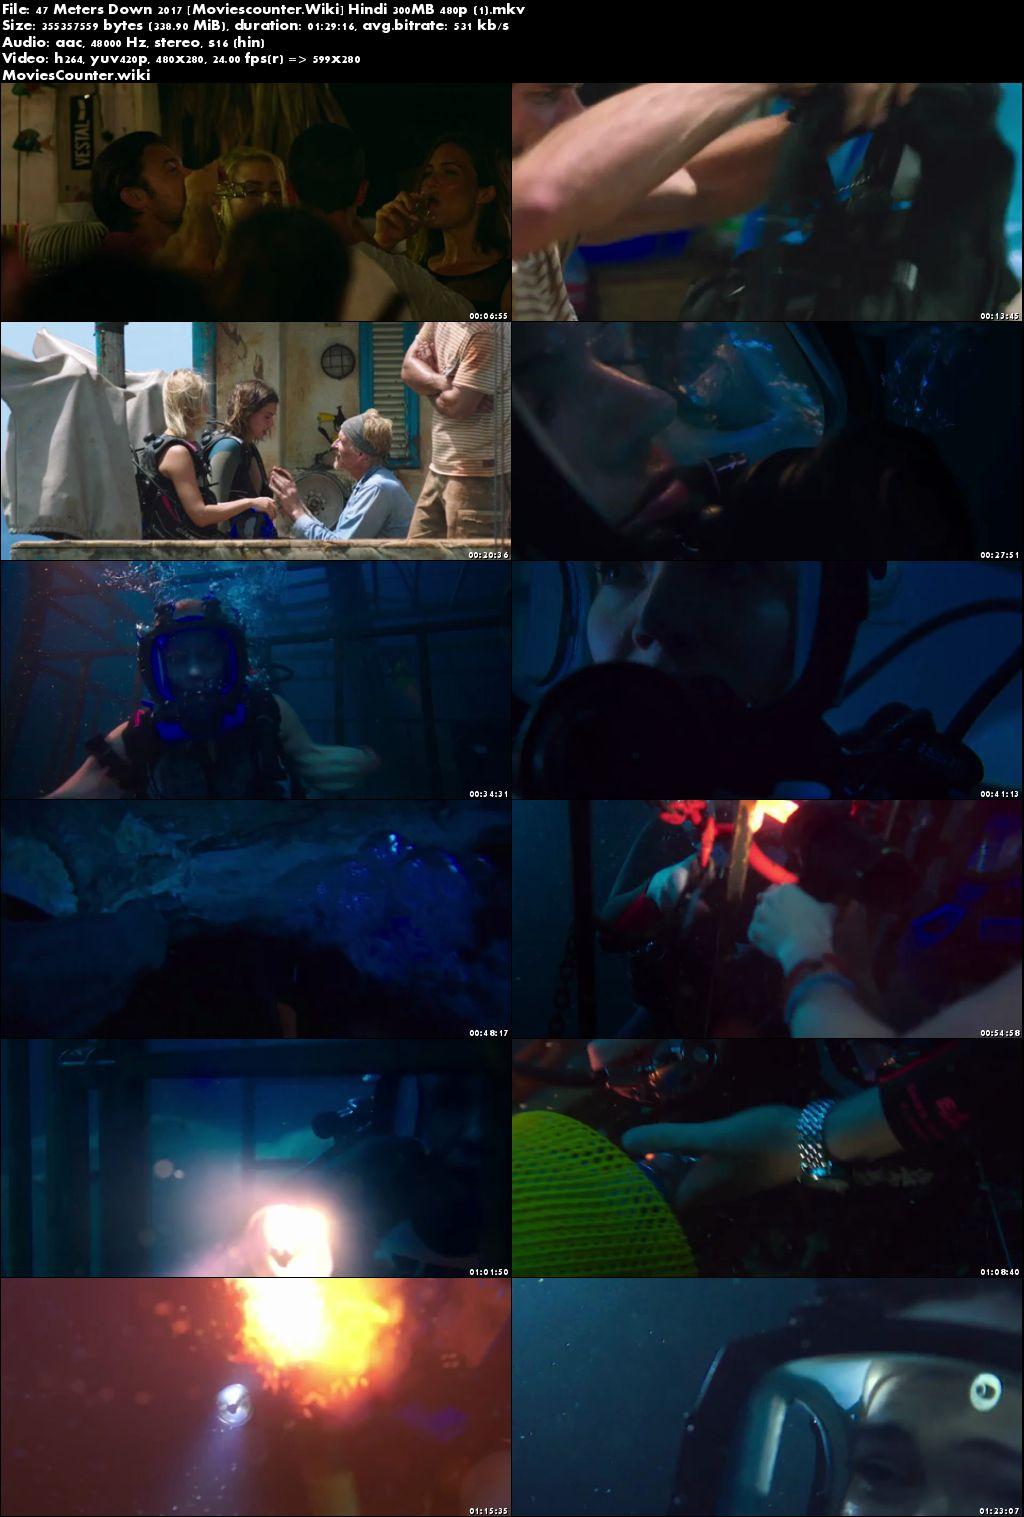 Screen Shots 47 Metres Down 2017 Dual Audio HD 300MB